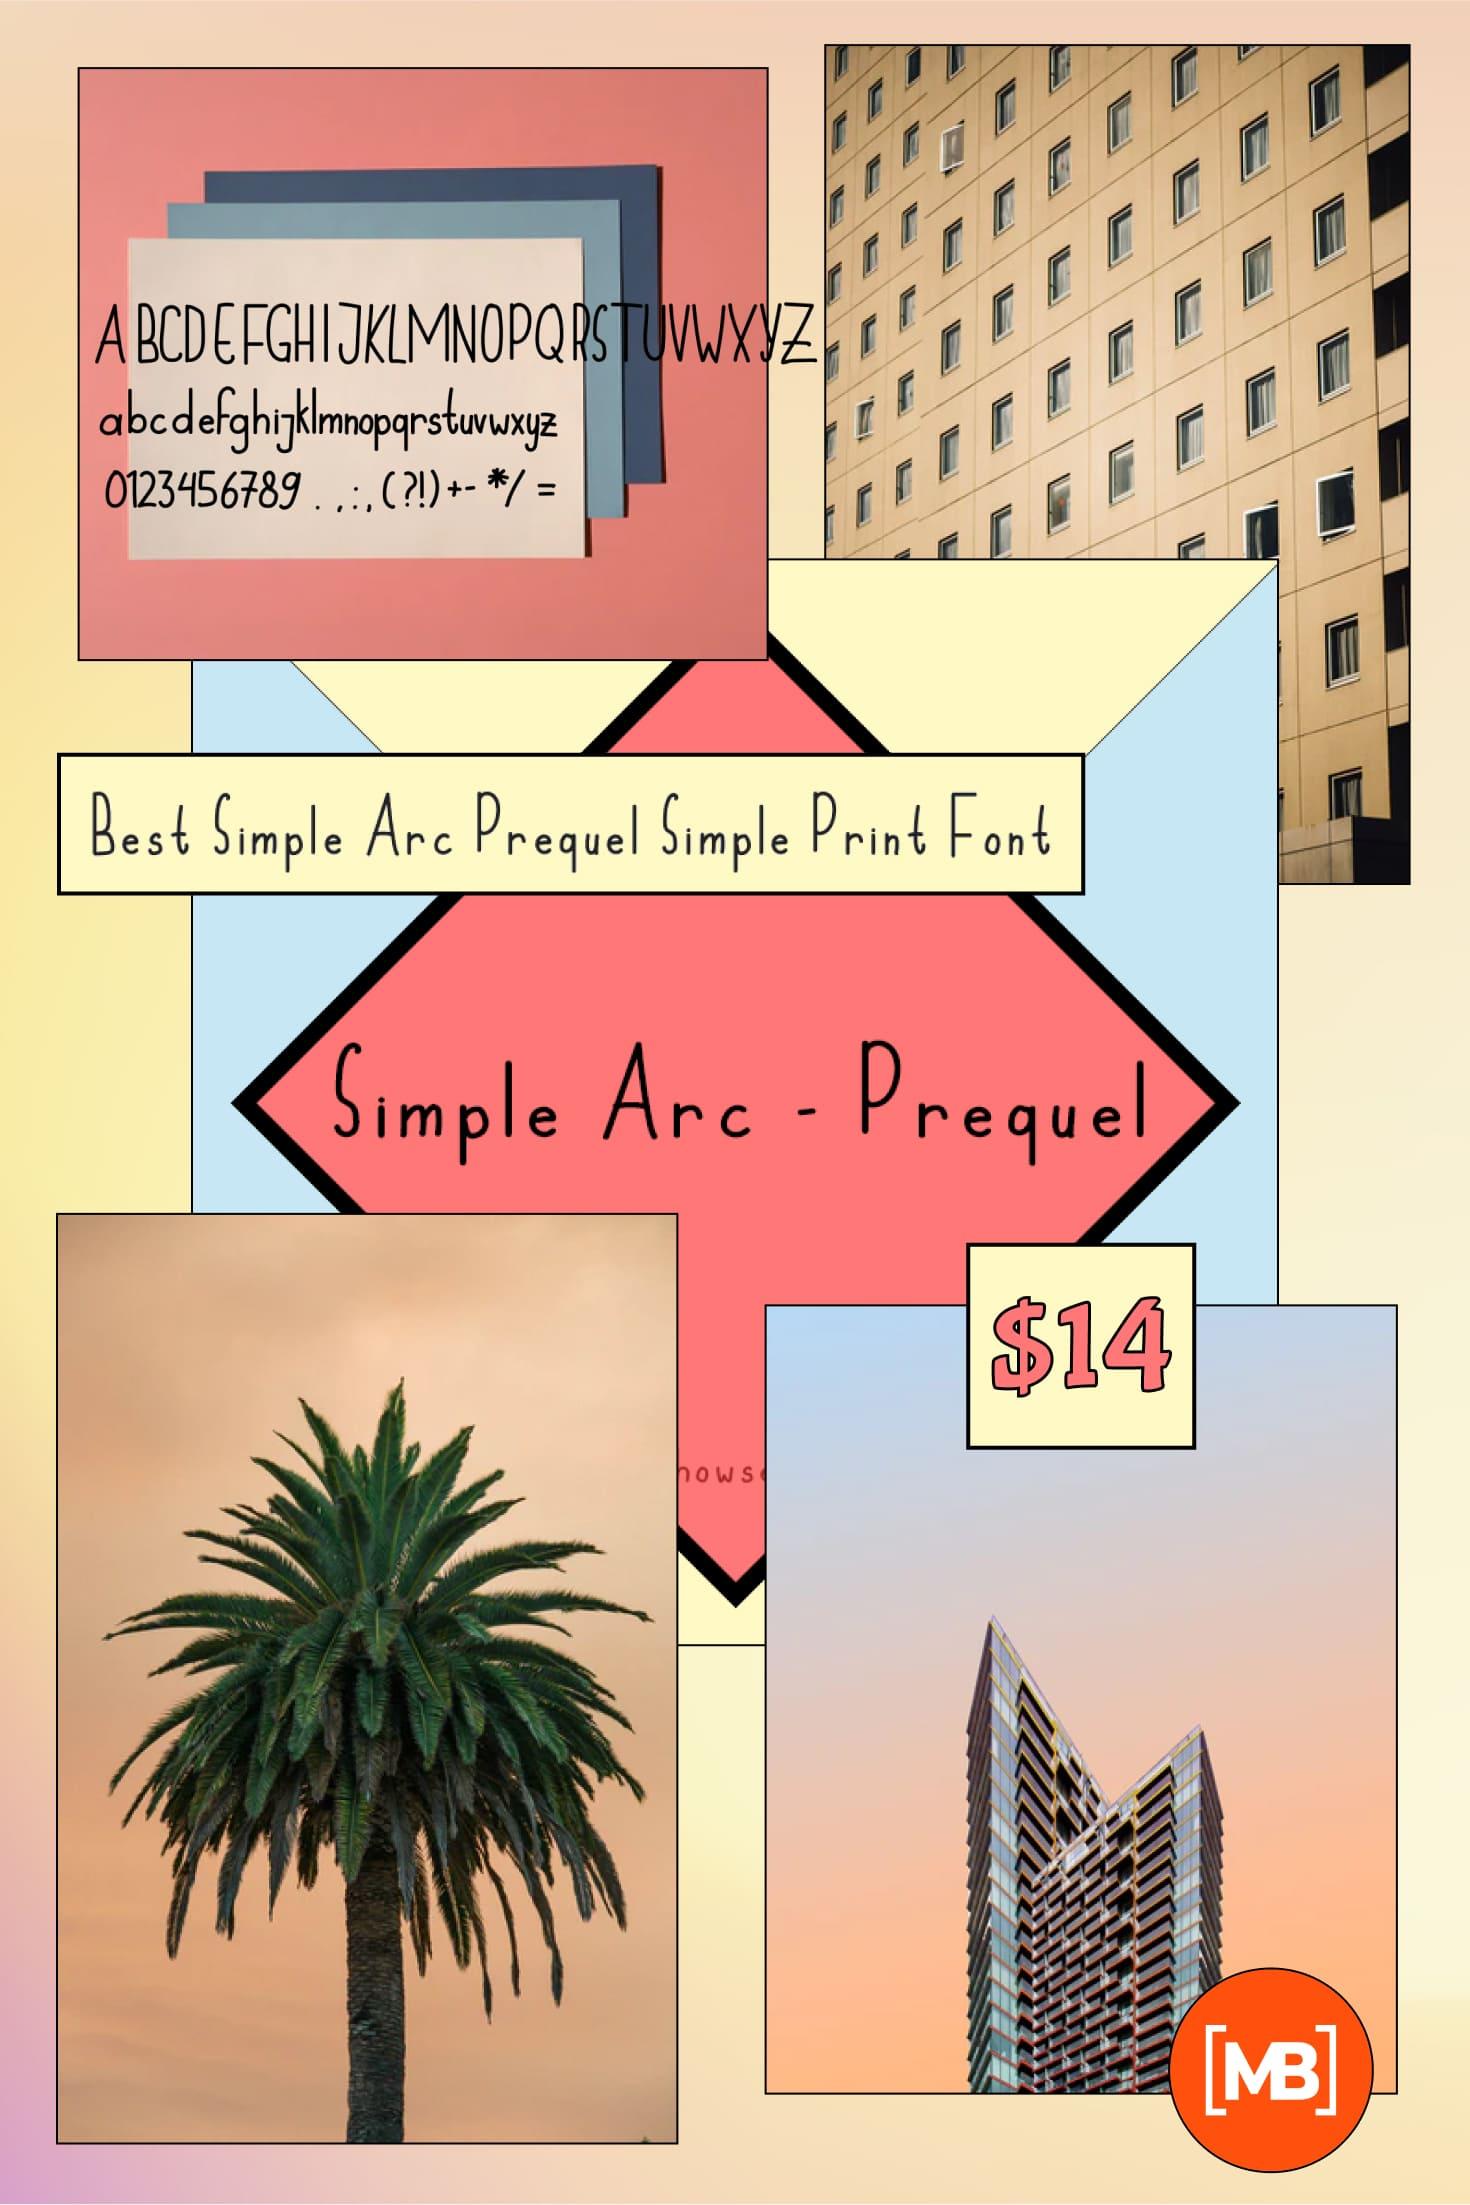 Pinterest Image: Best Simple Arc - Prequel Simple Print Font 2020.